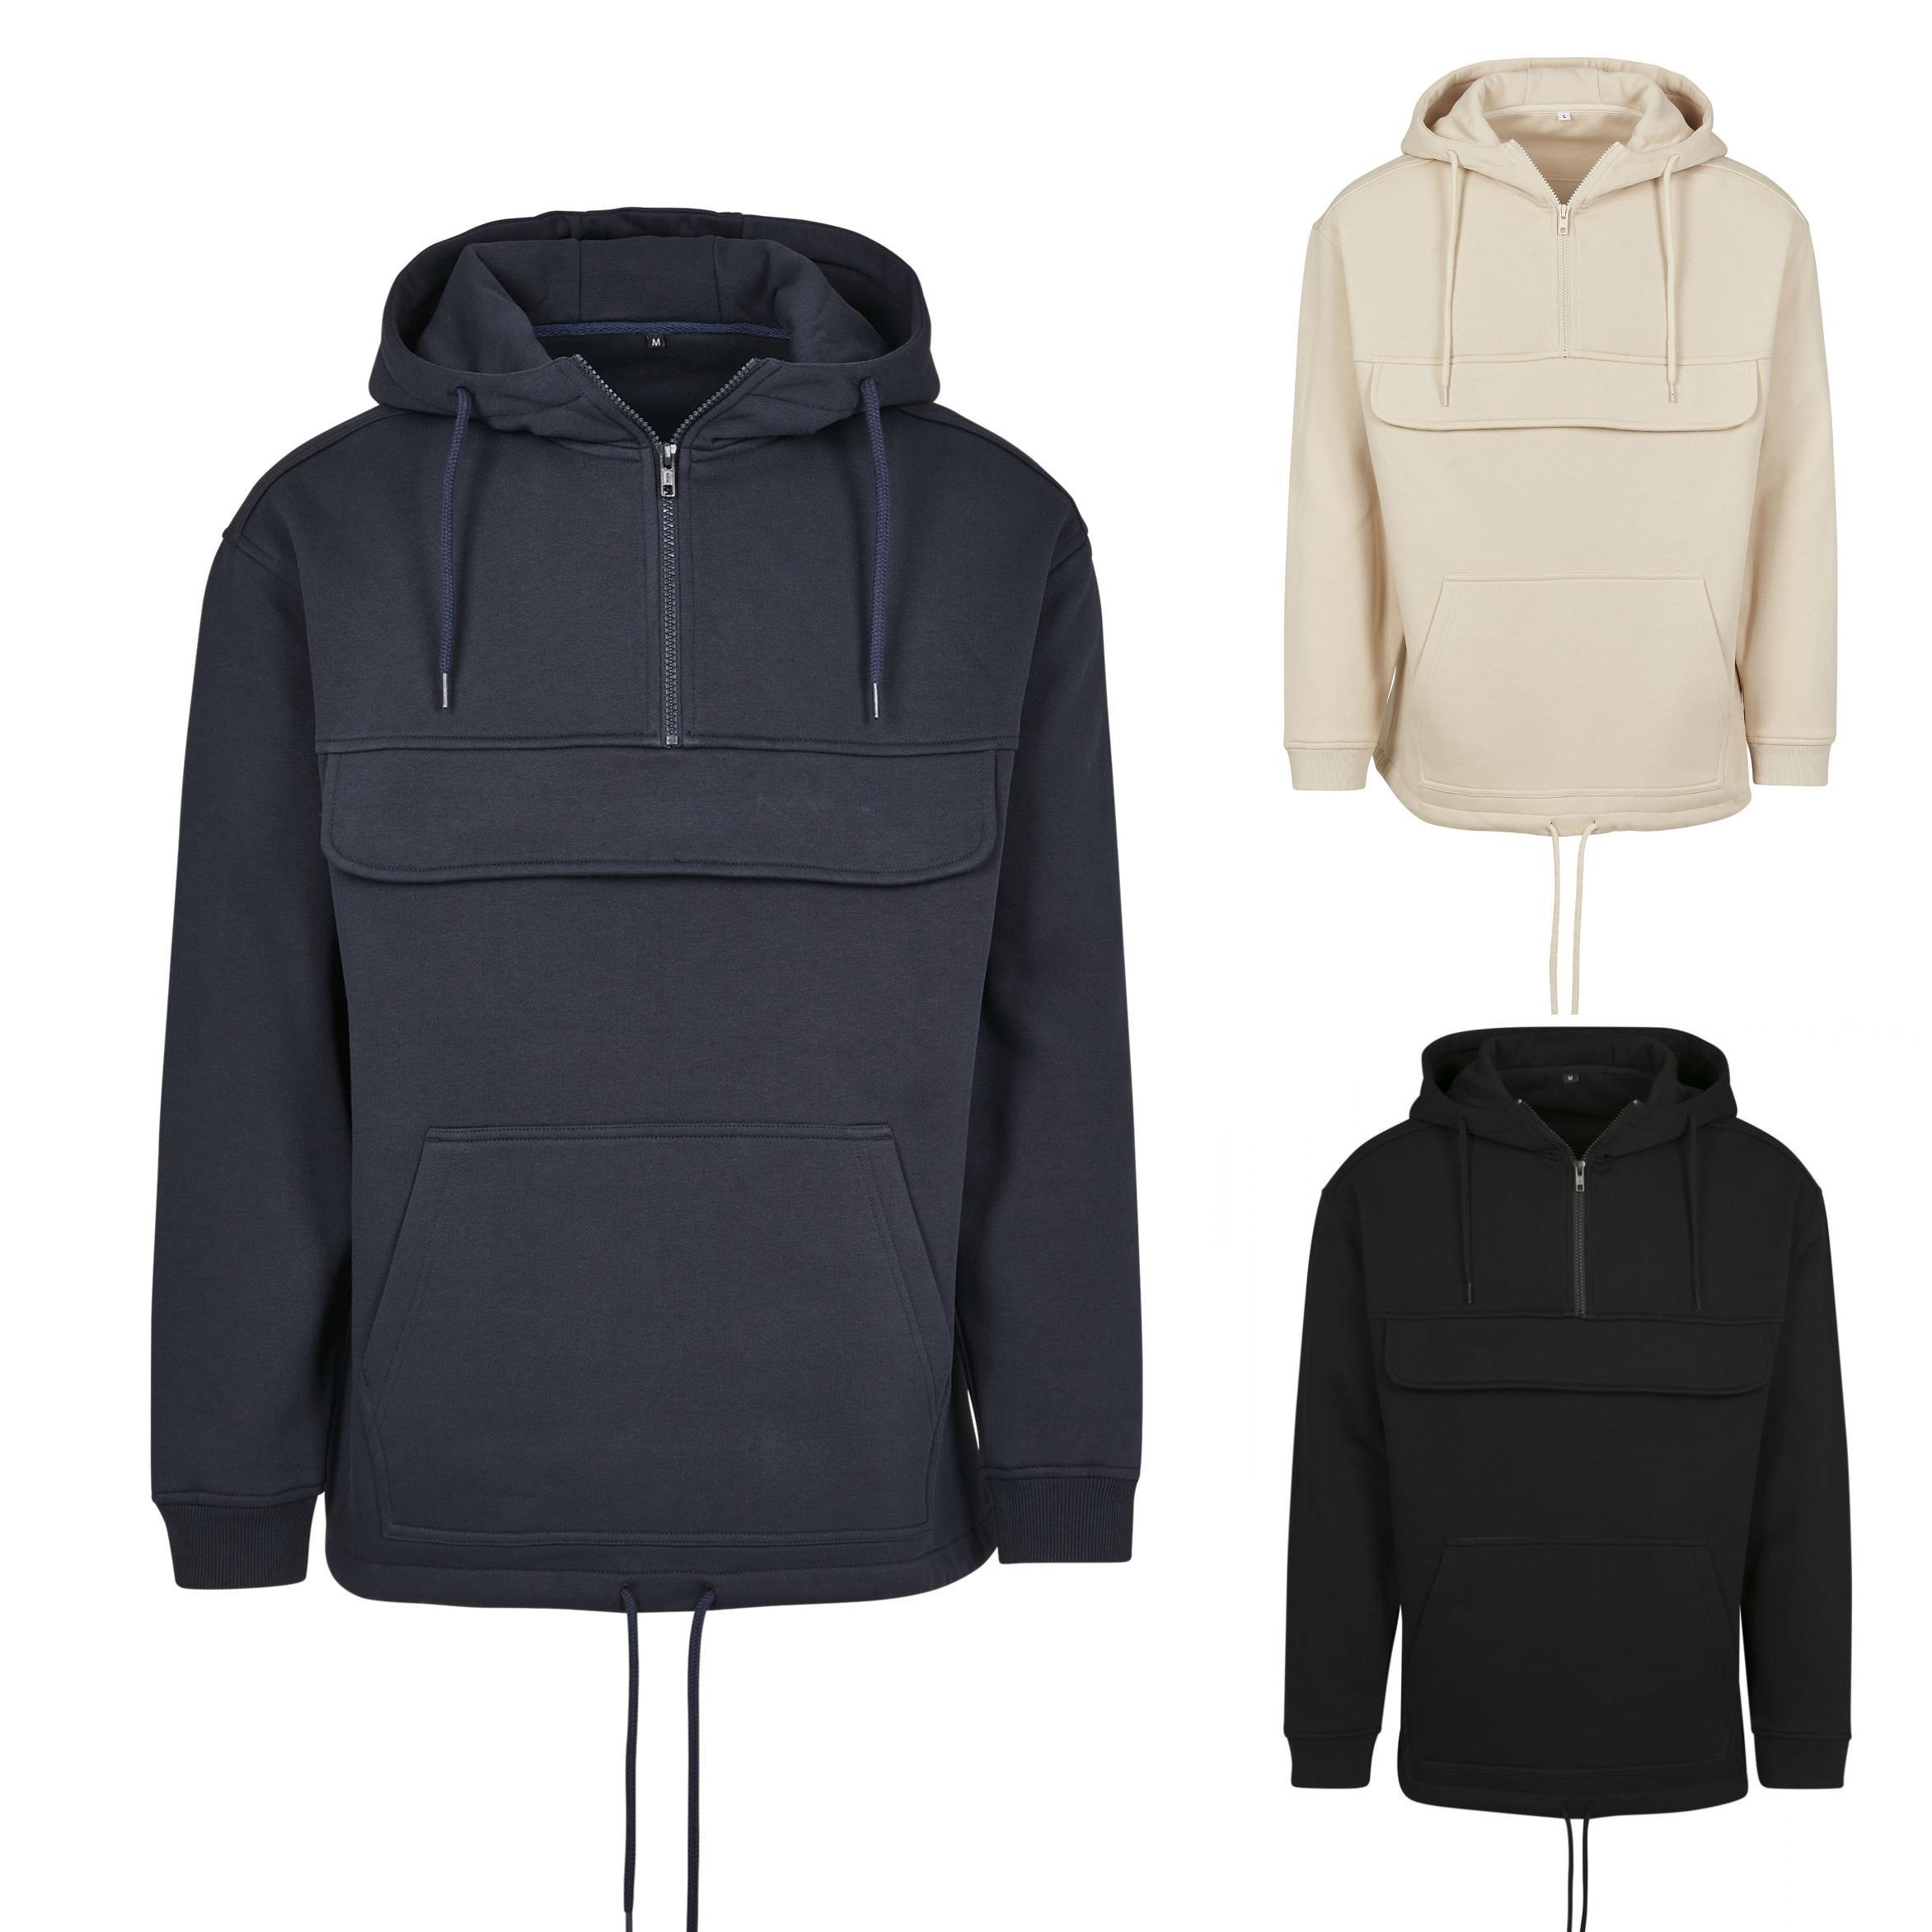 Herren Sweatshirt Pullover Sweat Shirt Übergröße S M L XL XXL 3XL 4XL 5XL